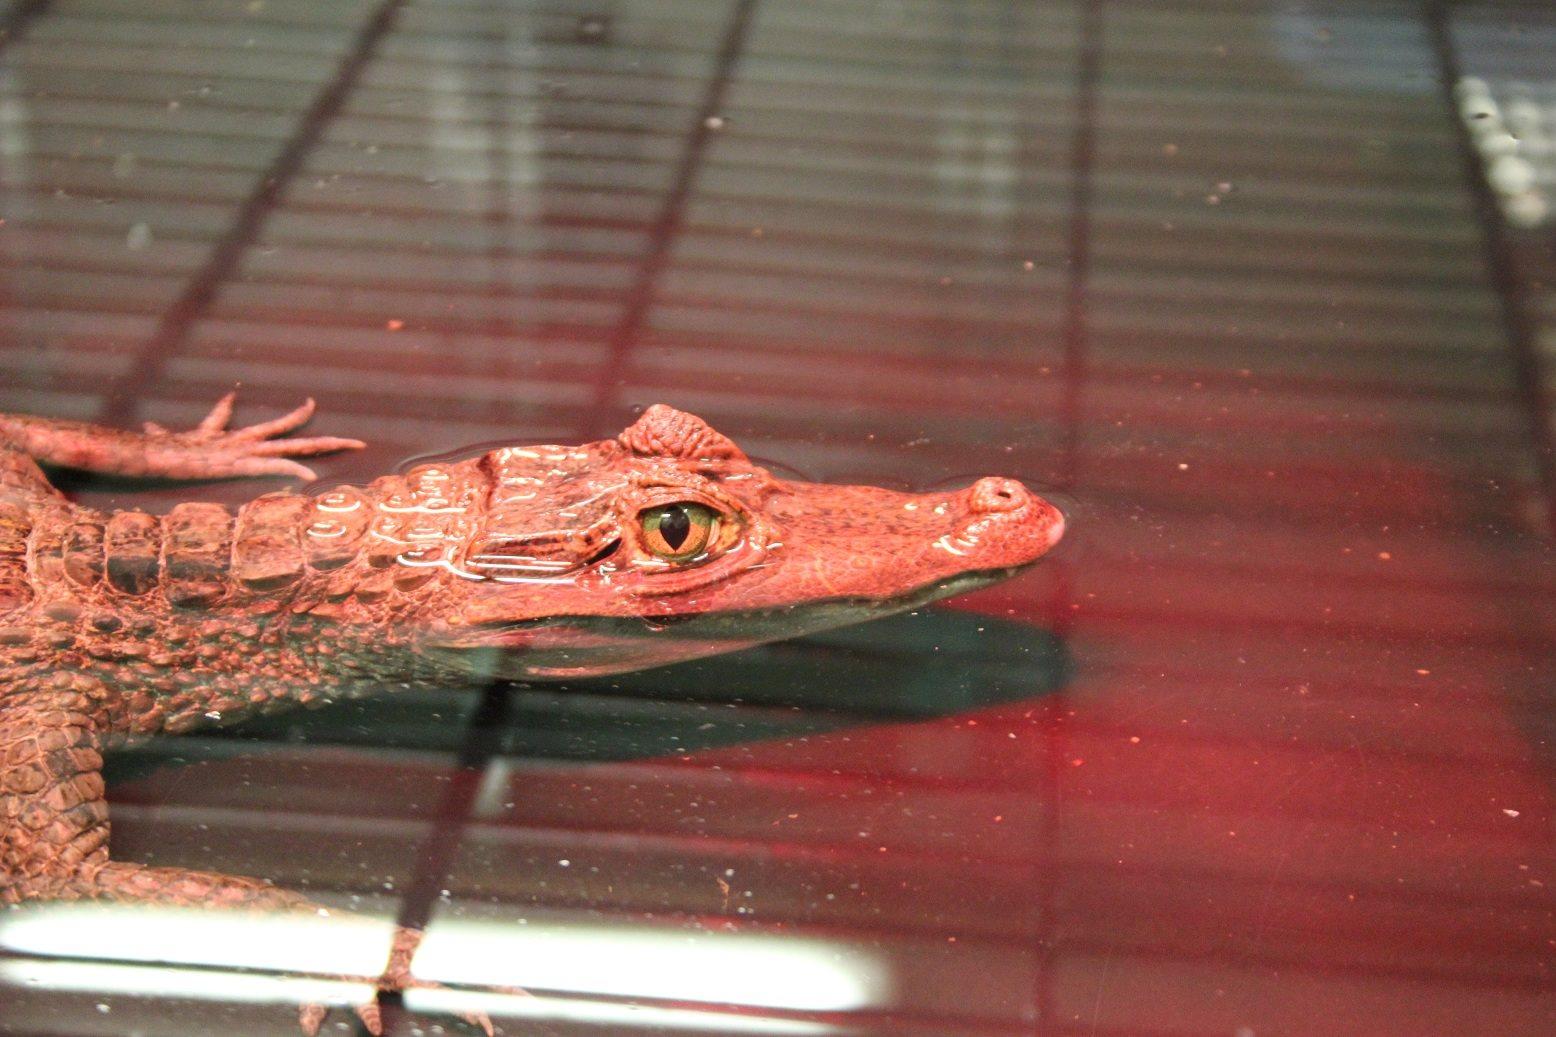 Opnieuw inbeslagname van reptielen